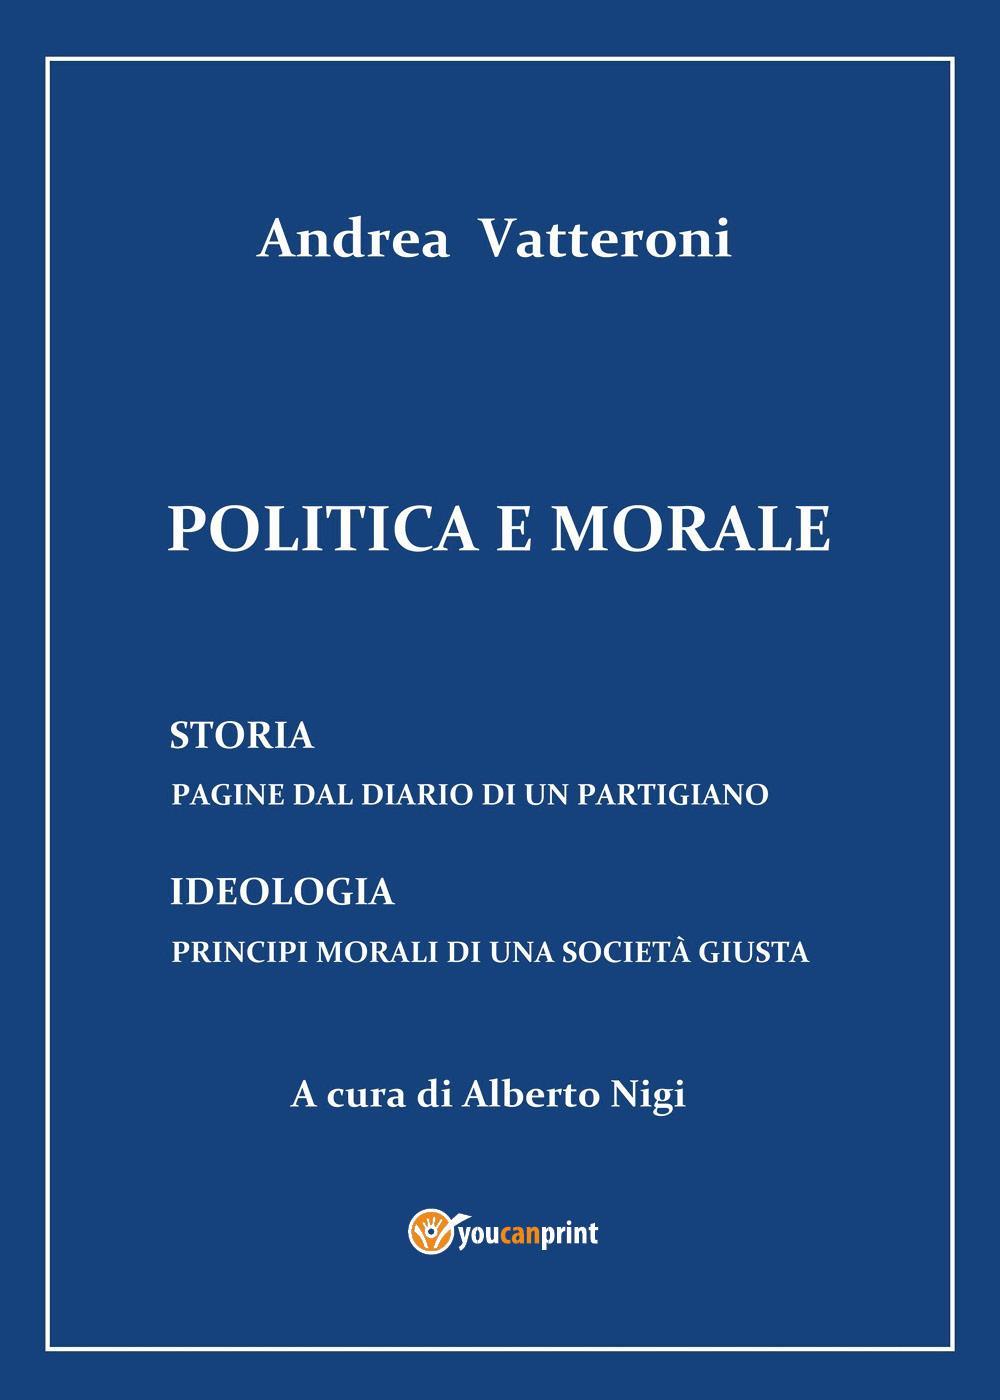 Politica e morale